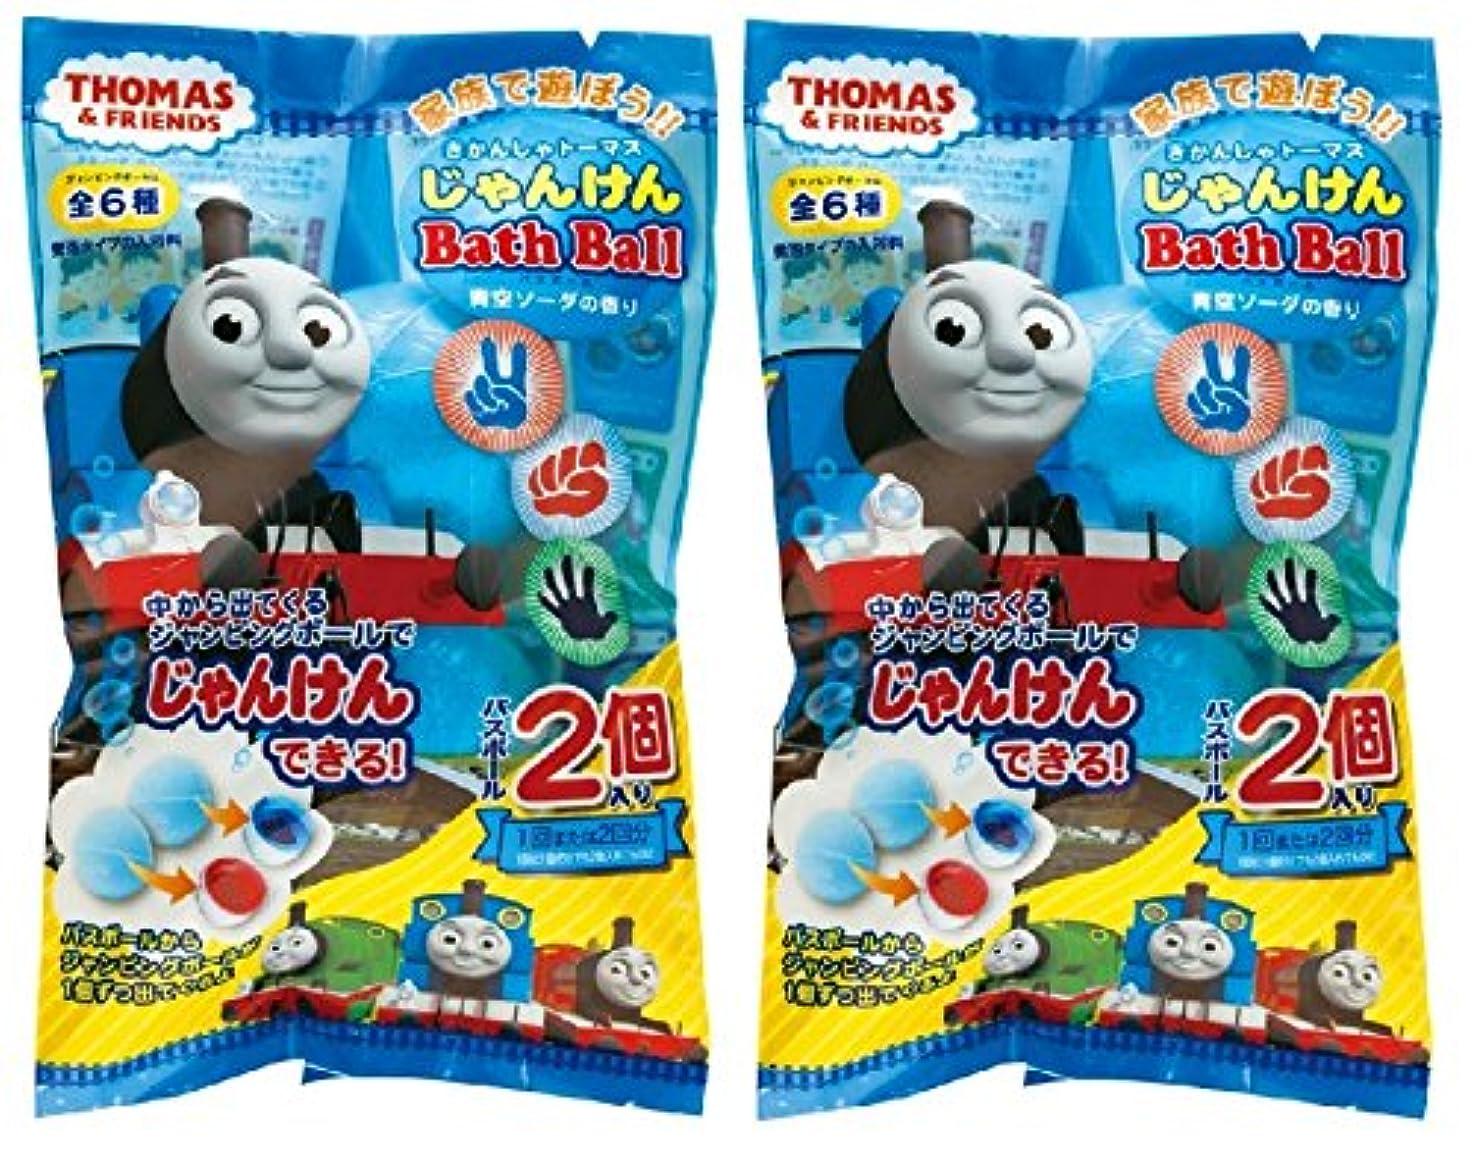 薬用鎮静剤自慢【2袋セット】きかんしゃトーマス 入浴剤 じゃんけんバスボール 2個入り おまけ付き 青色ソーダの香り OB-TOB-4-1